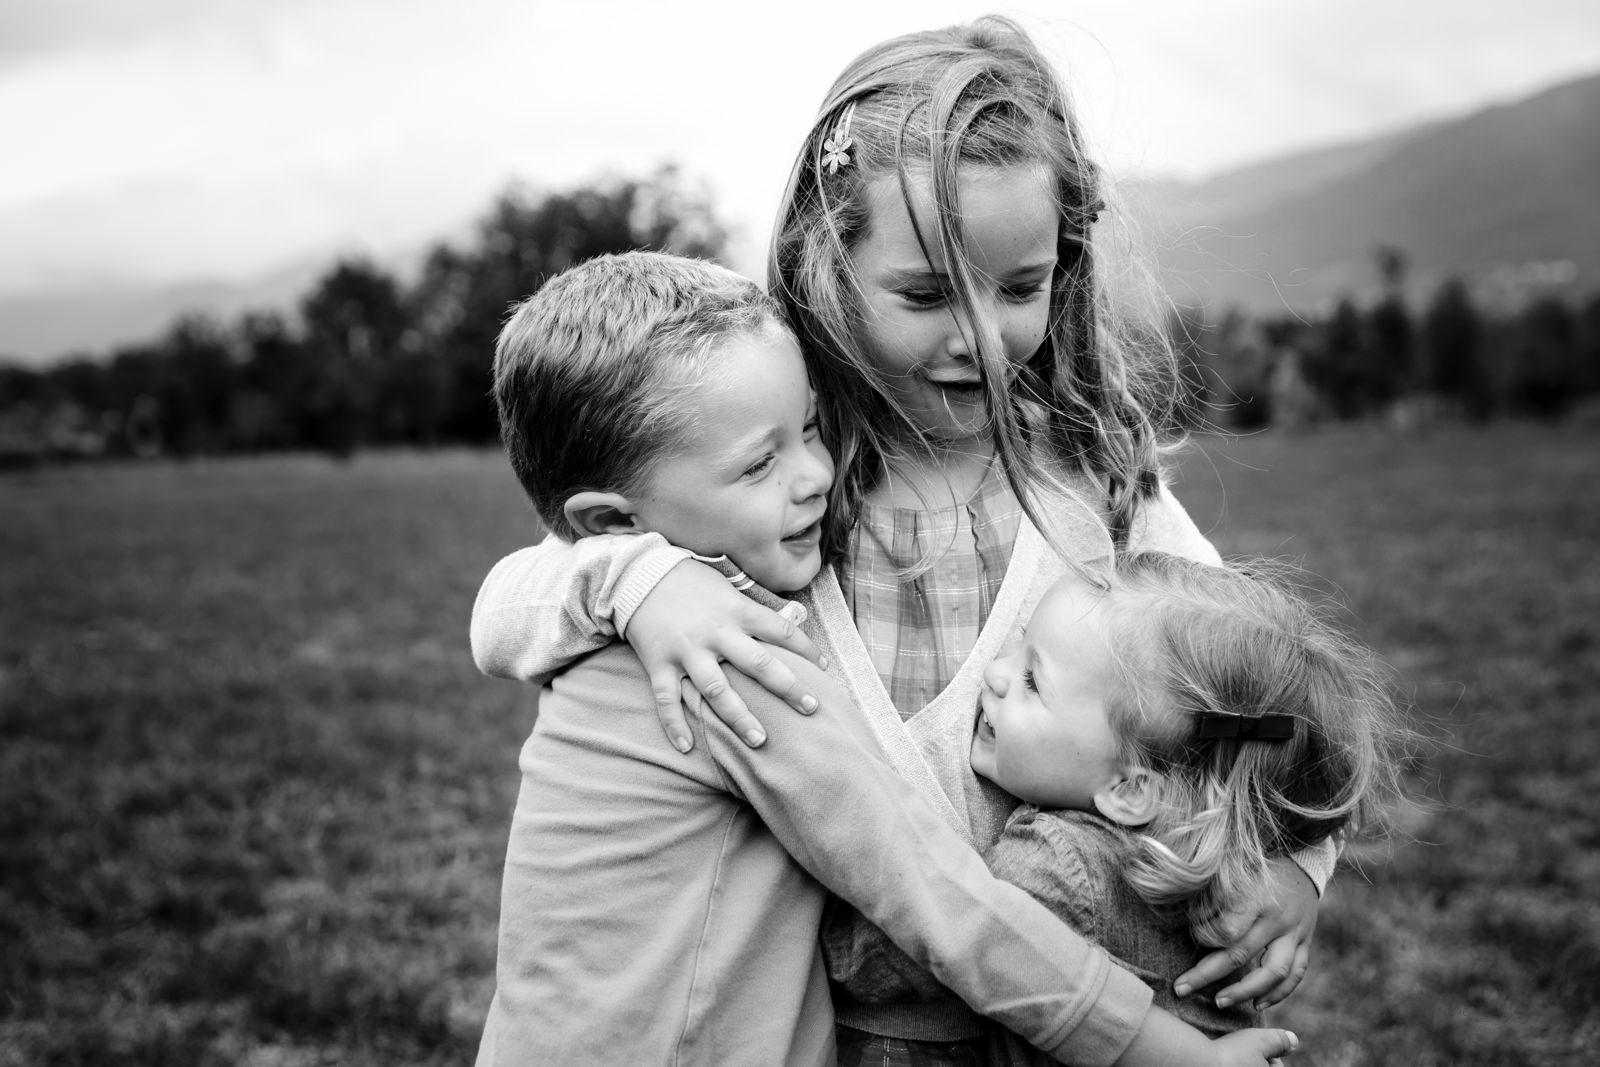 séance photo famille lifestyle colles photographe pontcharra